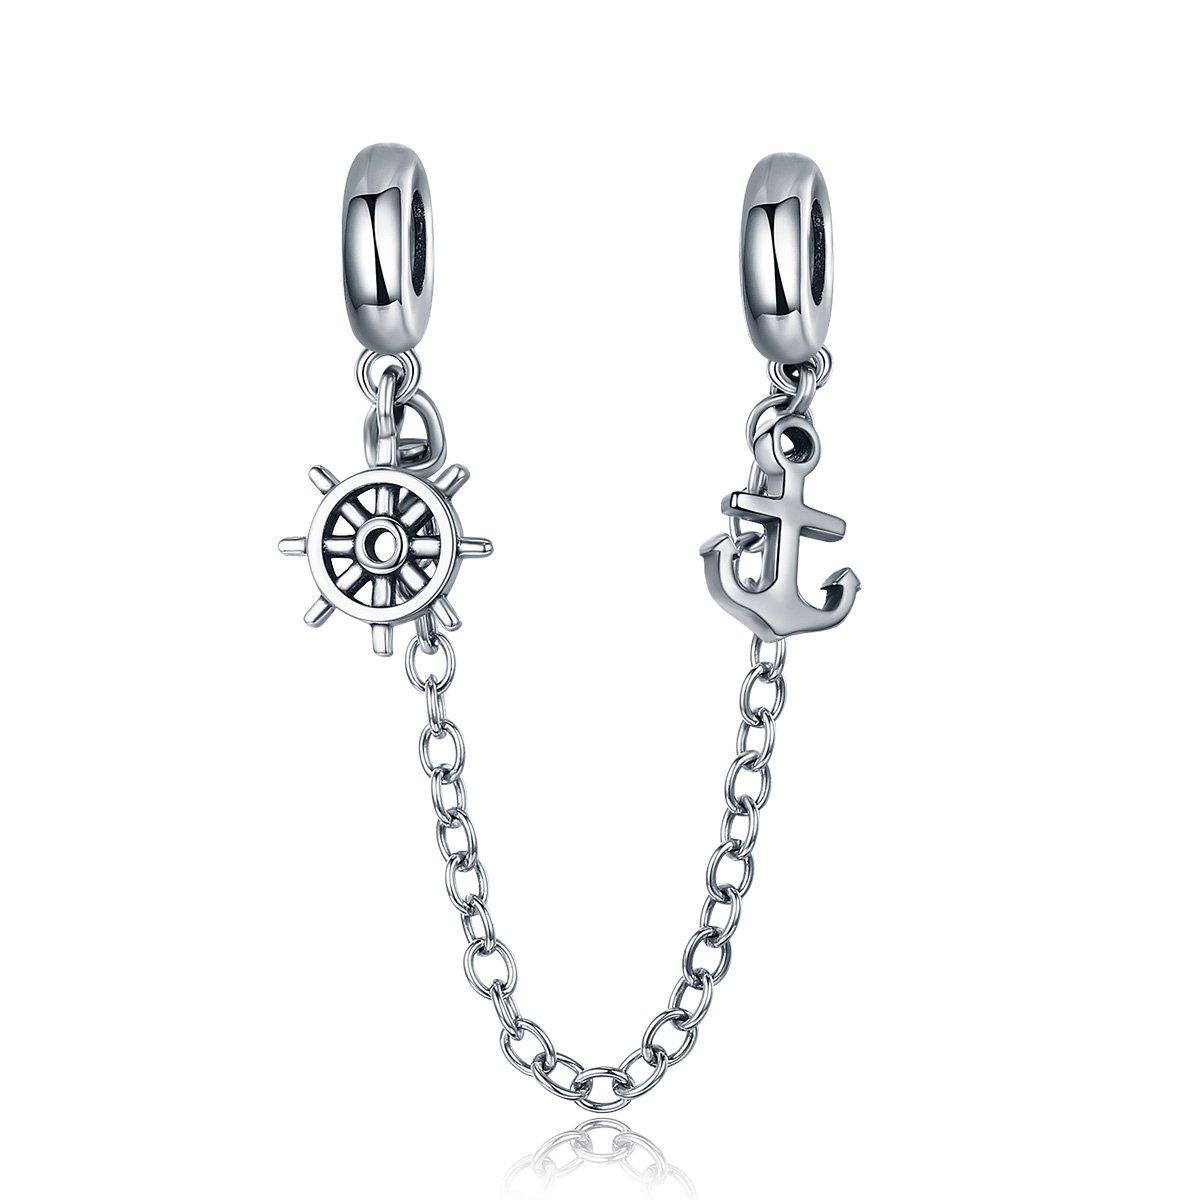 Inbeaut Nouvelle arrivée Argent sterling 925Voyage Ancre et gouvernail Chaîne de sécurité Bouchon Charm Fit Bracelet Bracelets Bijoux Wendear Jewelry